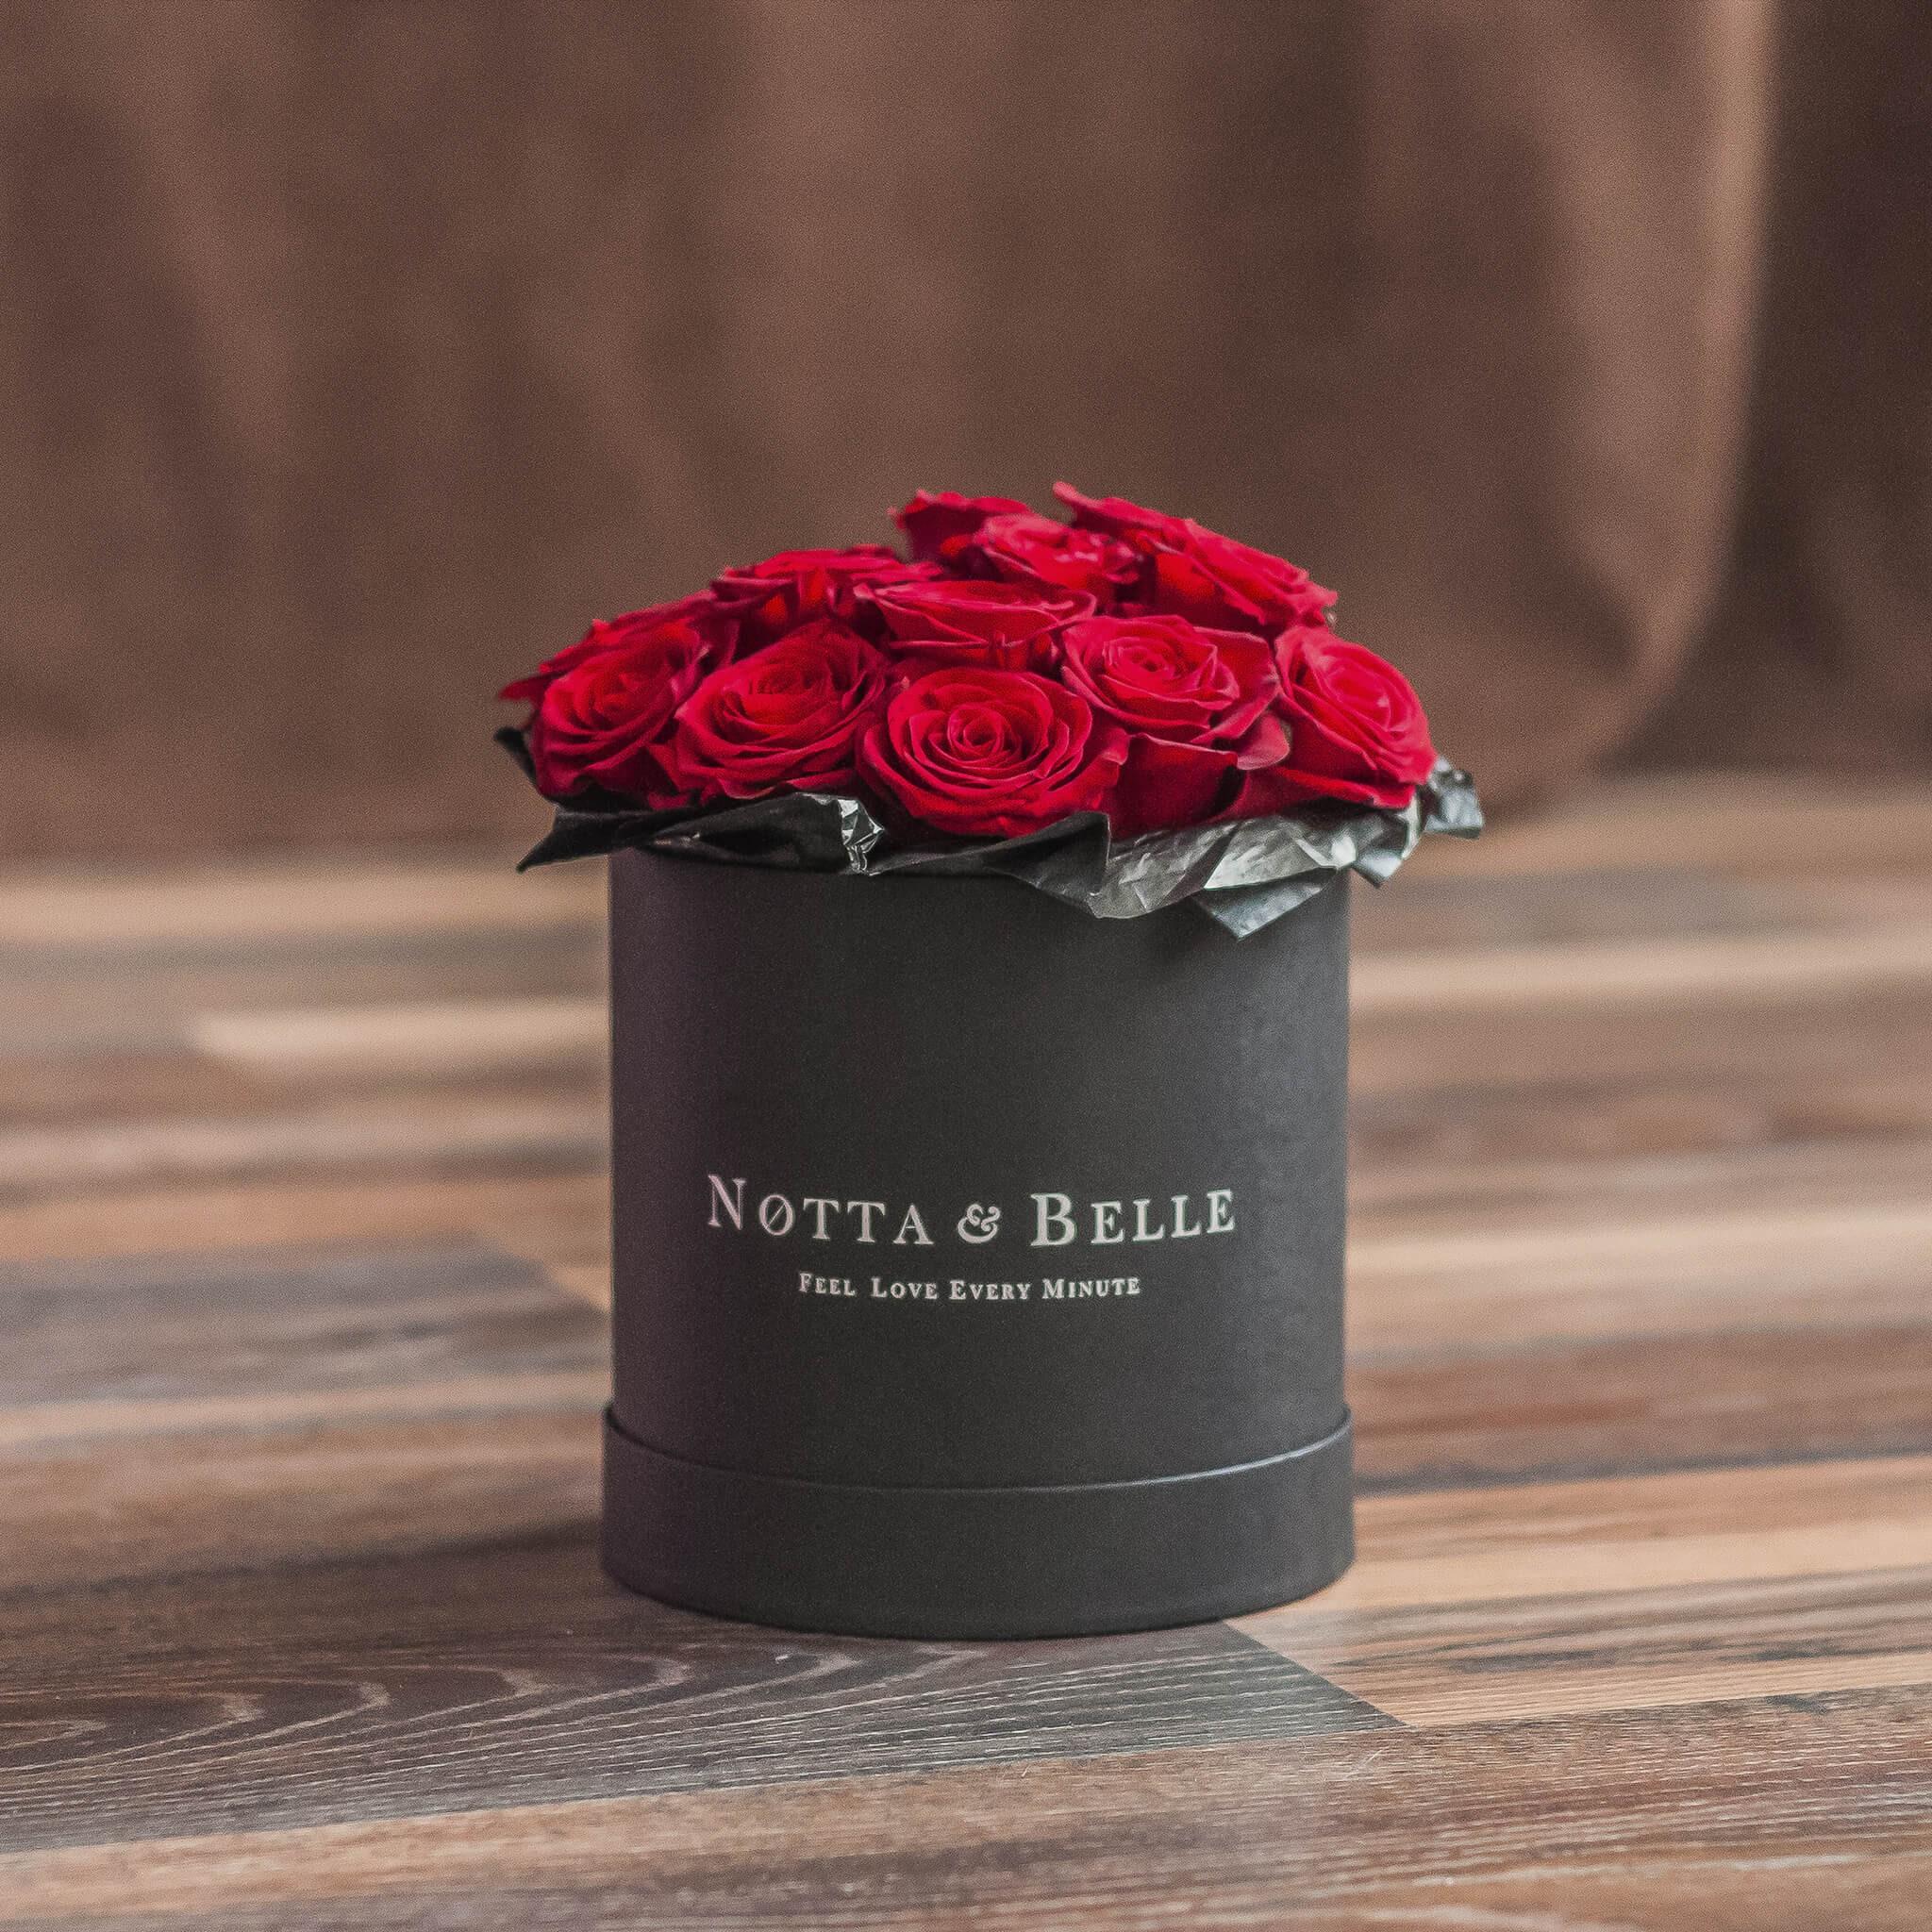 Premium Красная роза в шляпной коробке  - в черной коробке